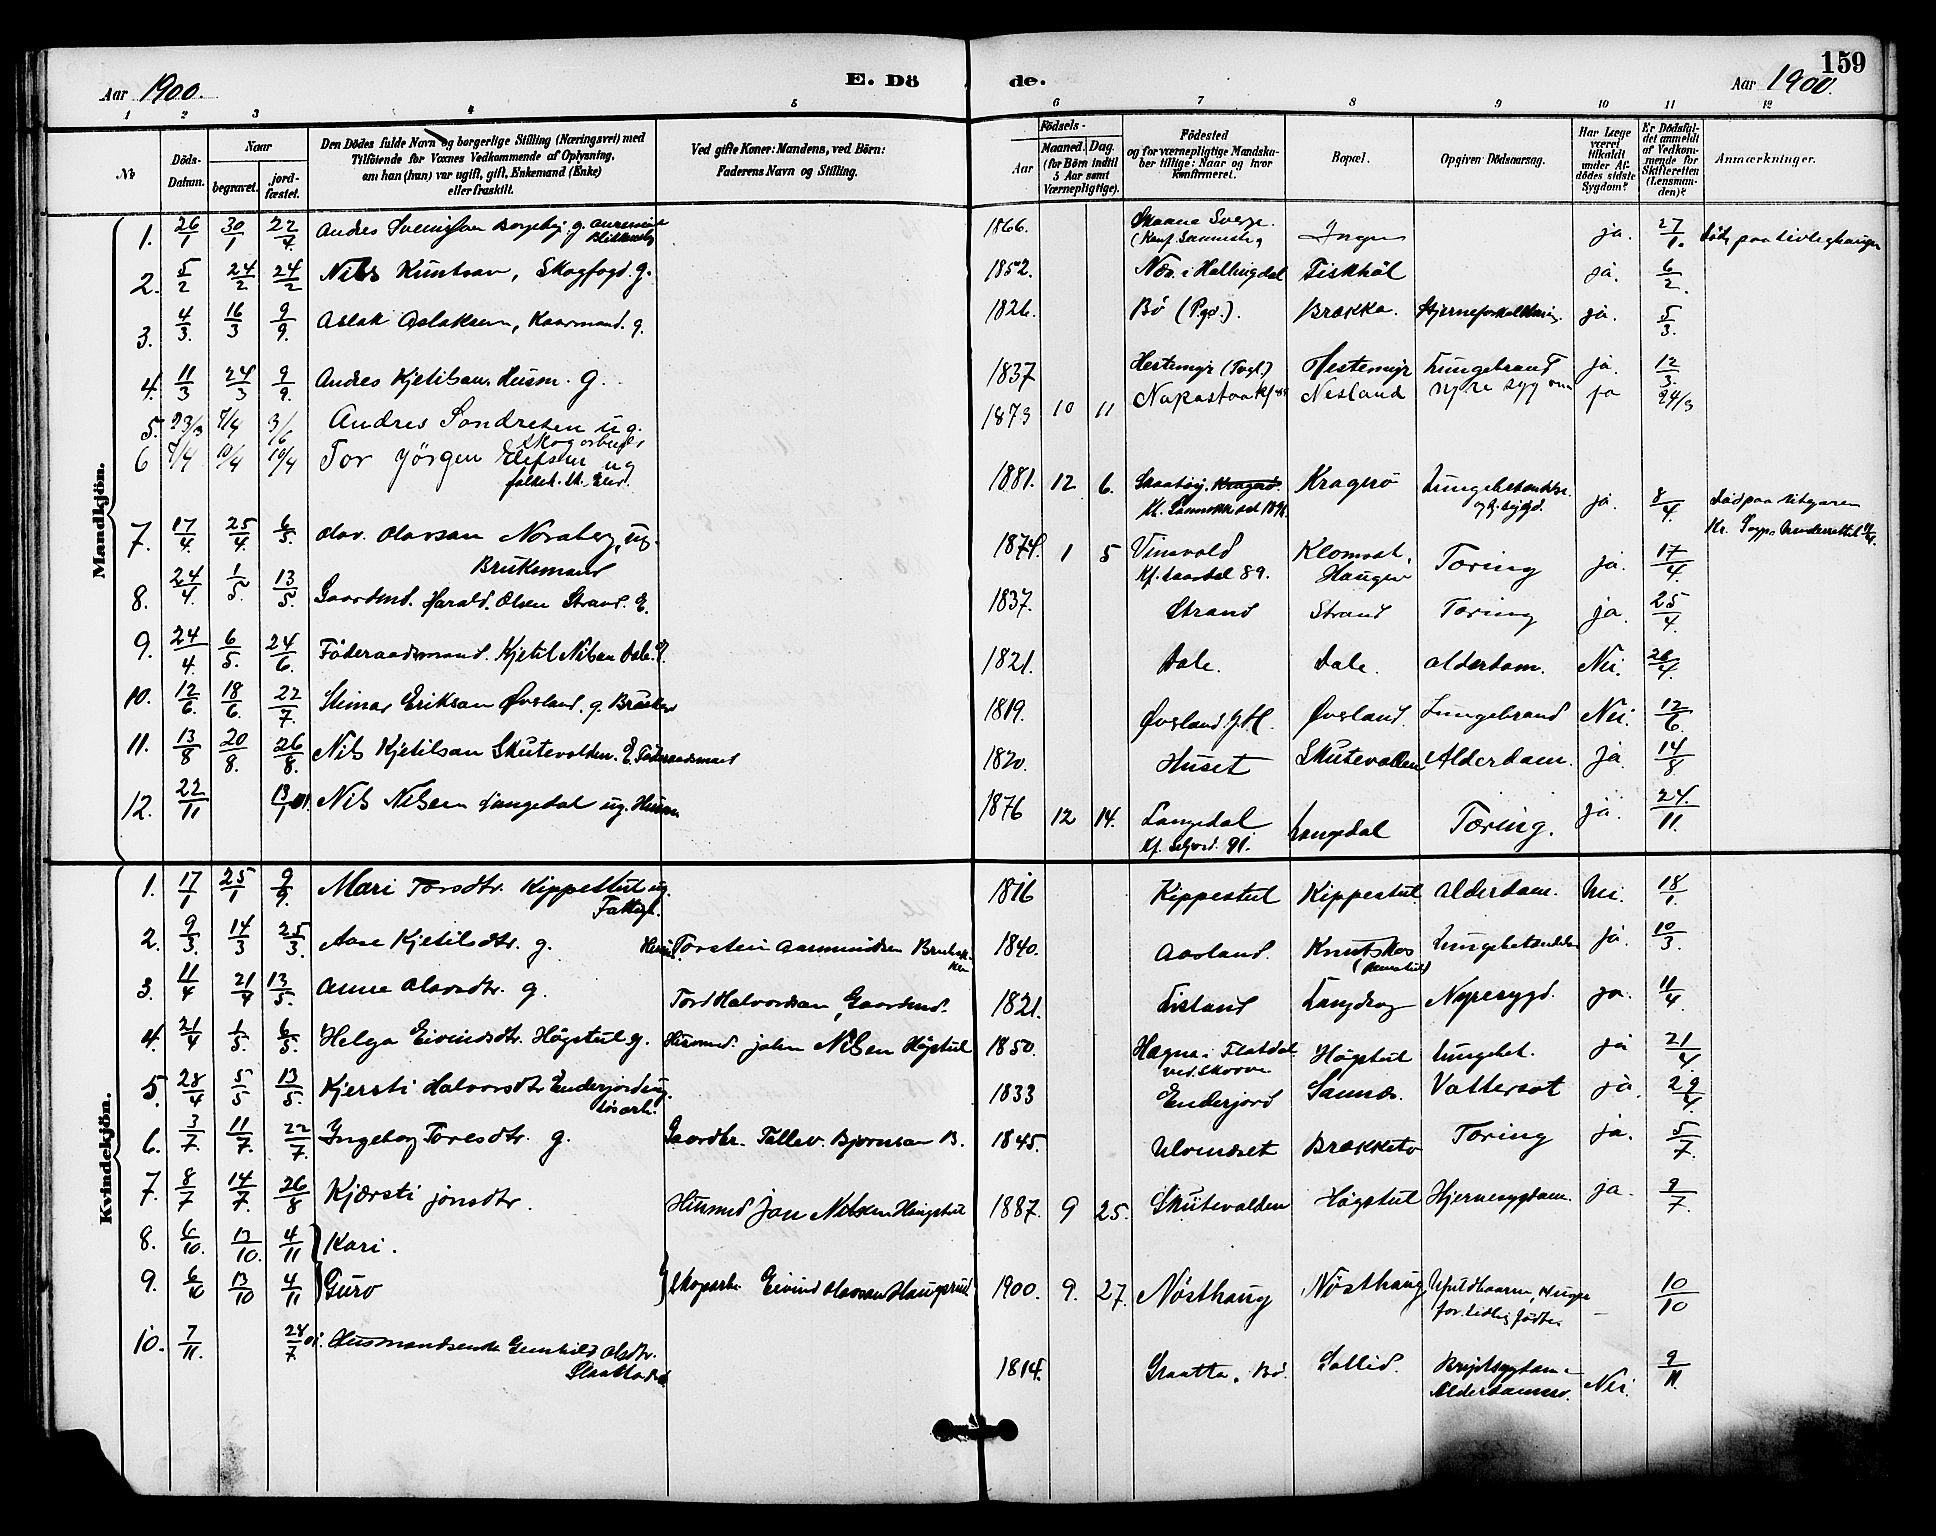 SAKO, Seljord kirkebøker, G/Ga/L0005: Klokkerbok nr. I 5, 1887-1914, s. 159